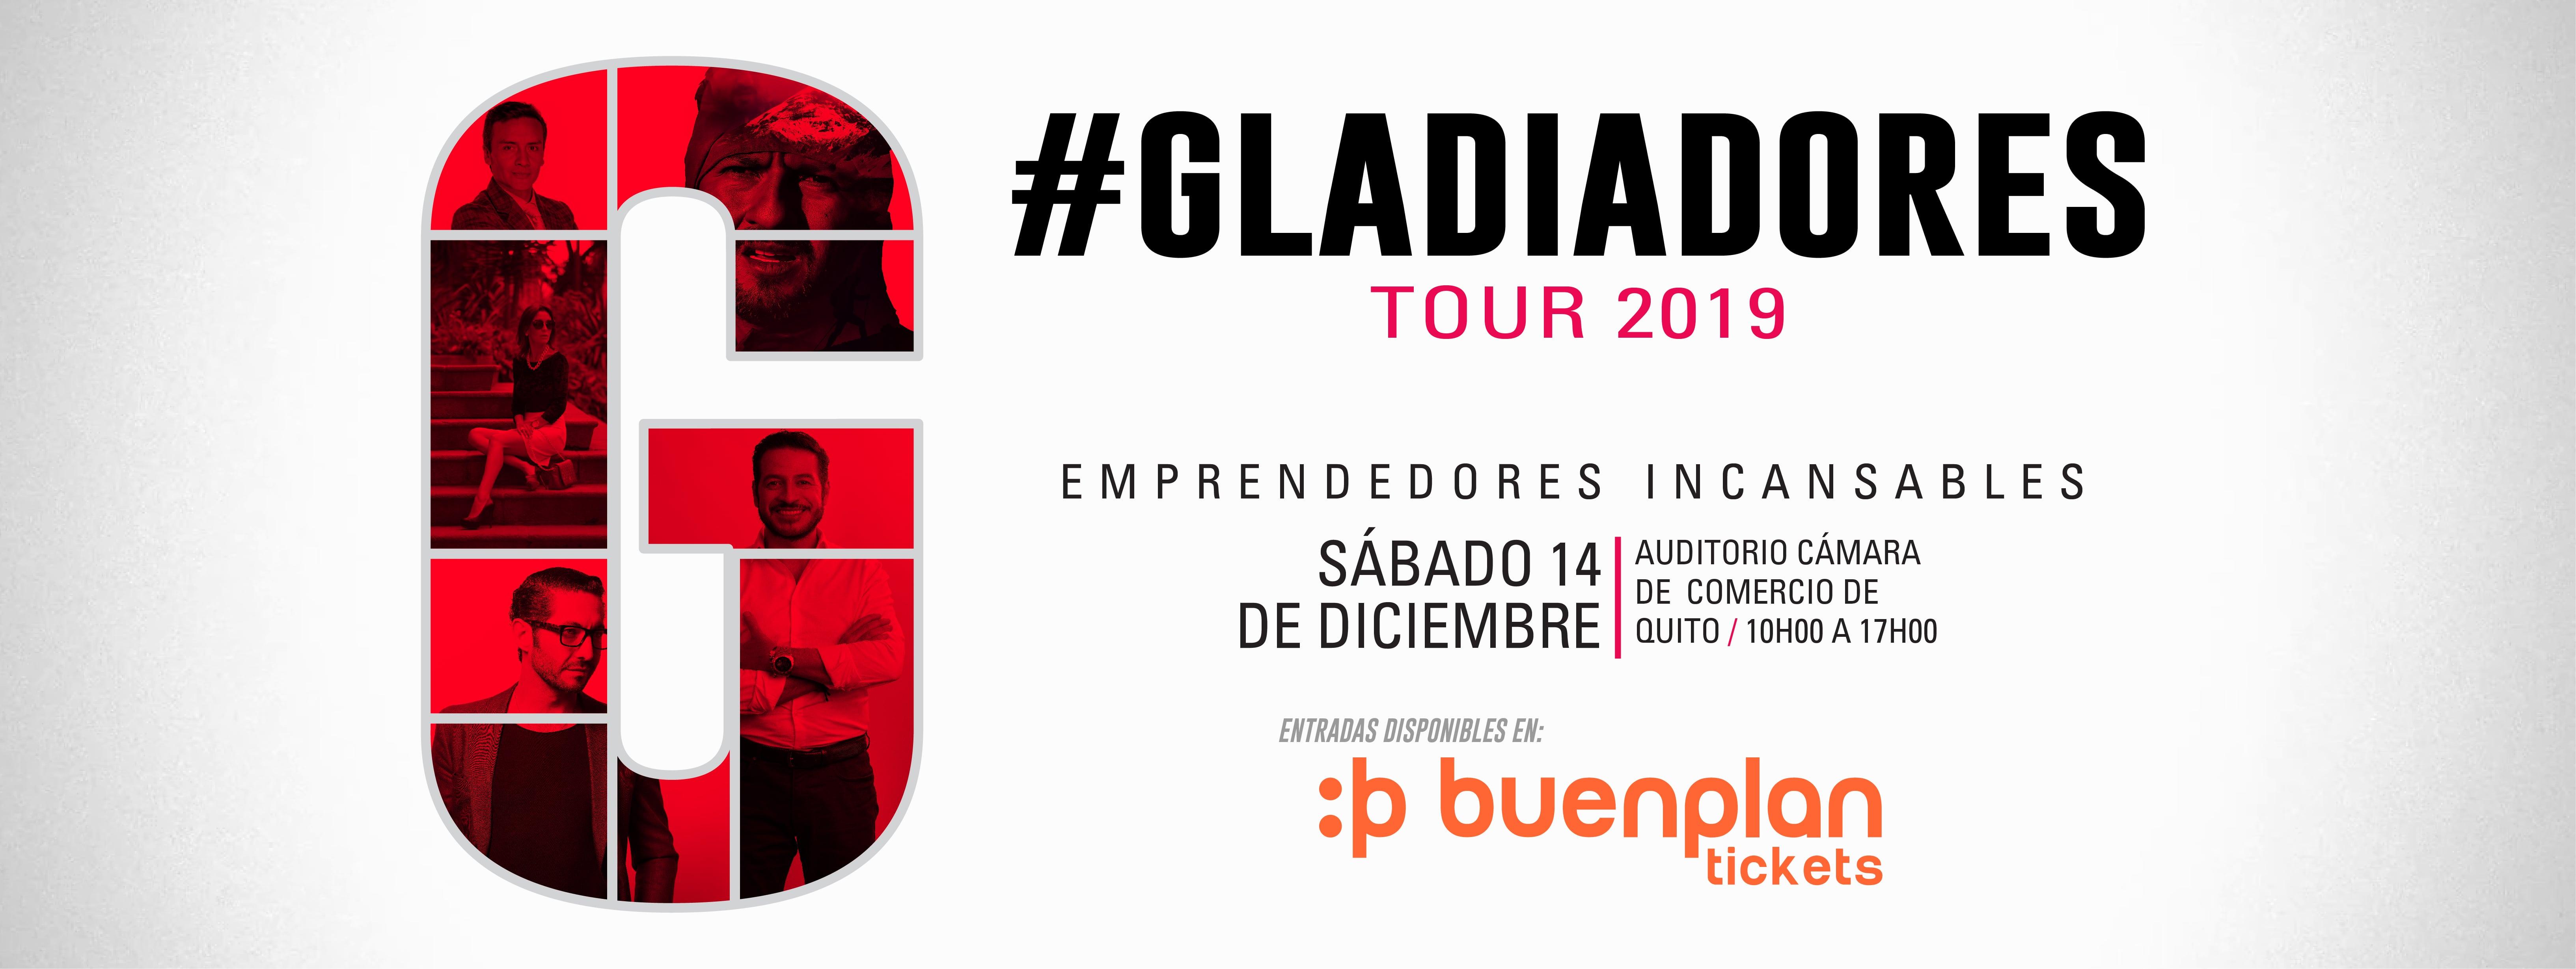 Gladiadores Tour 2019 en Quito, BuenPlan